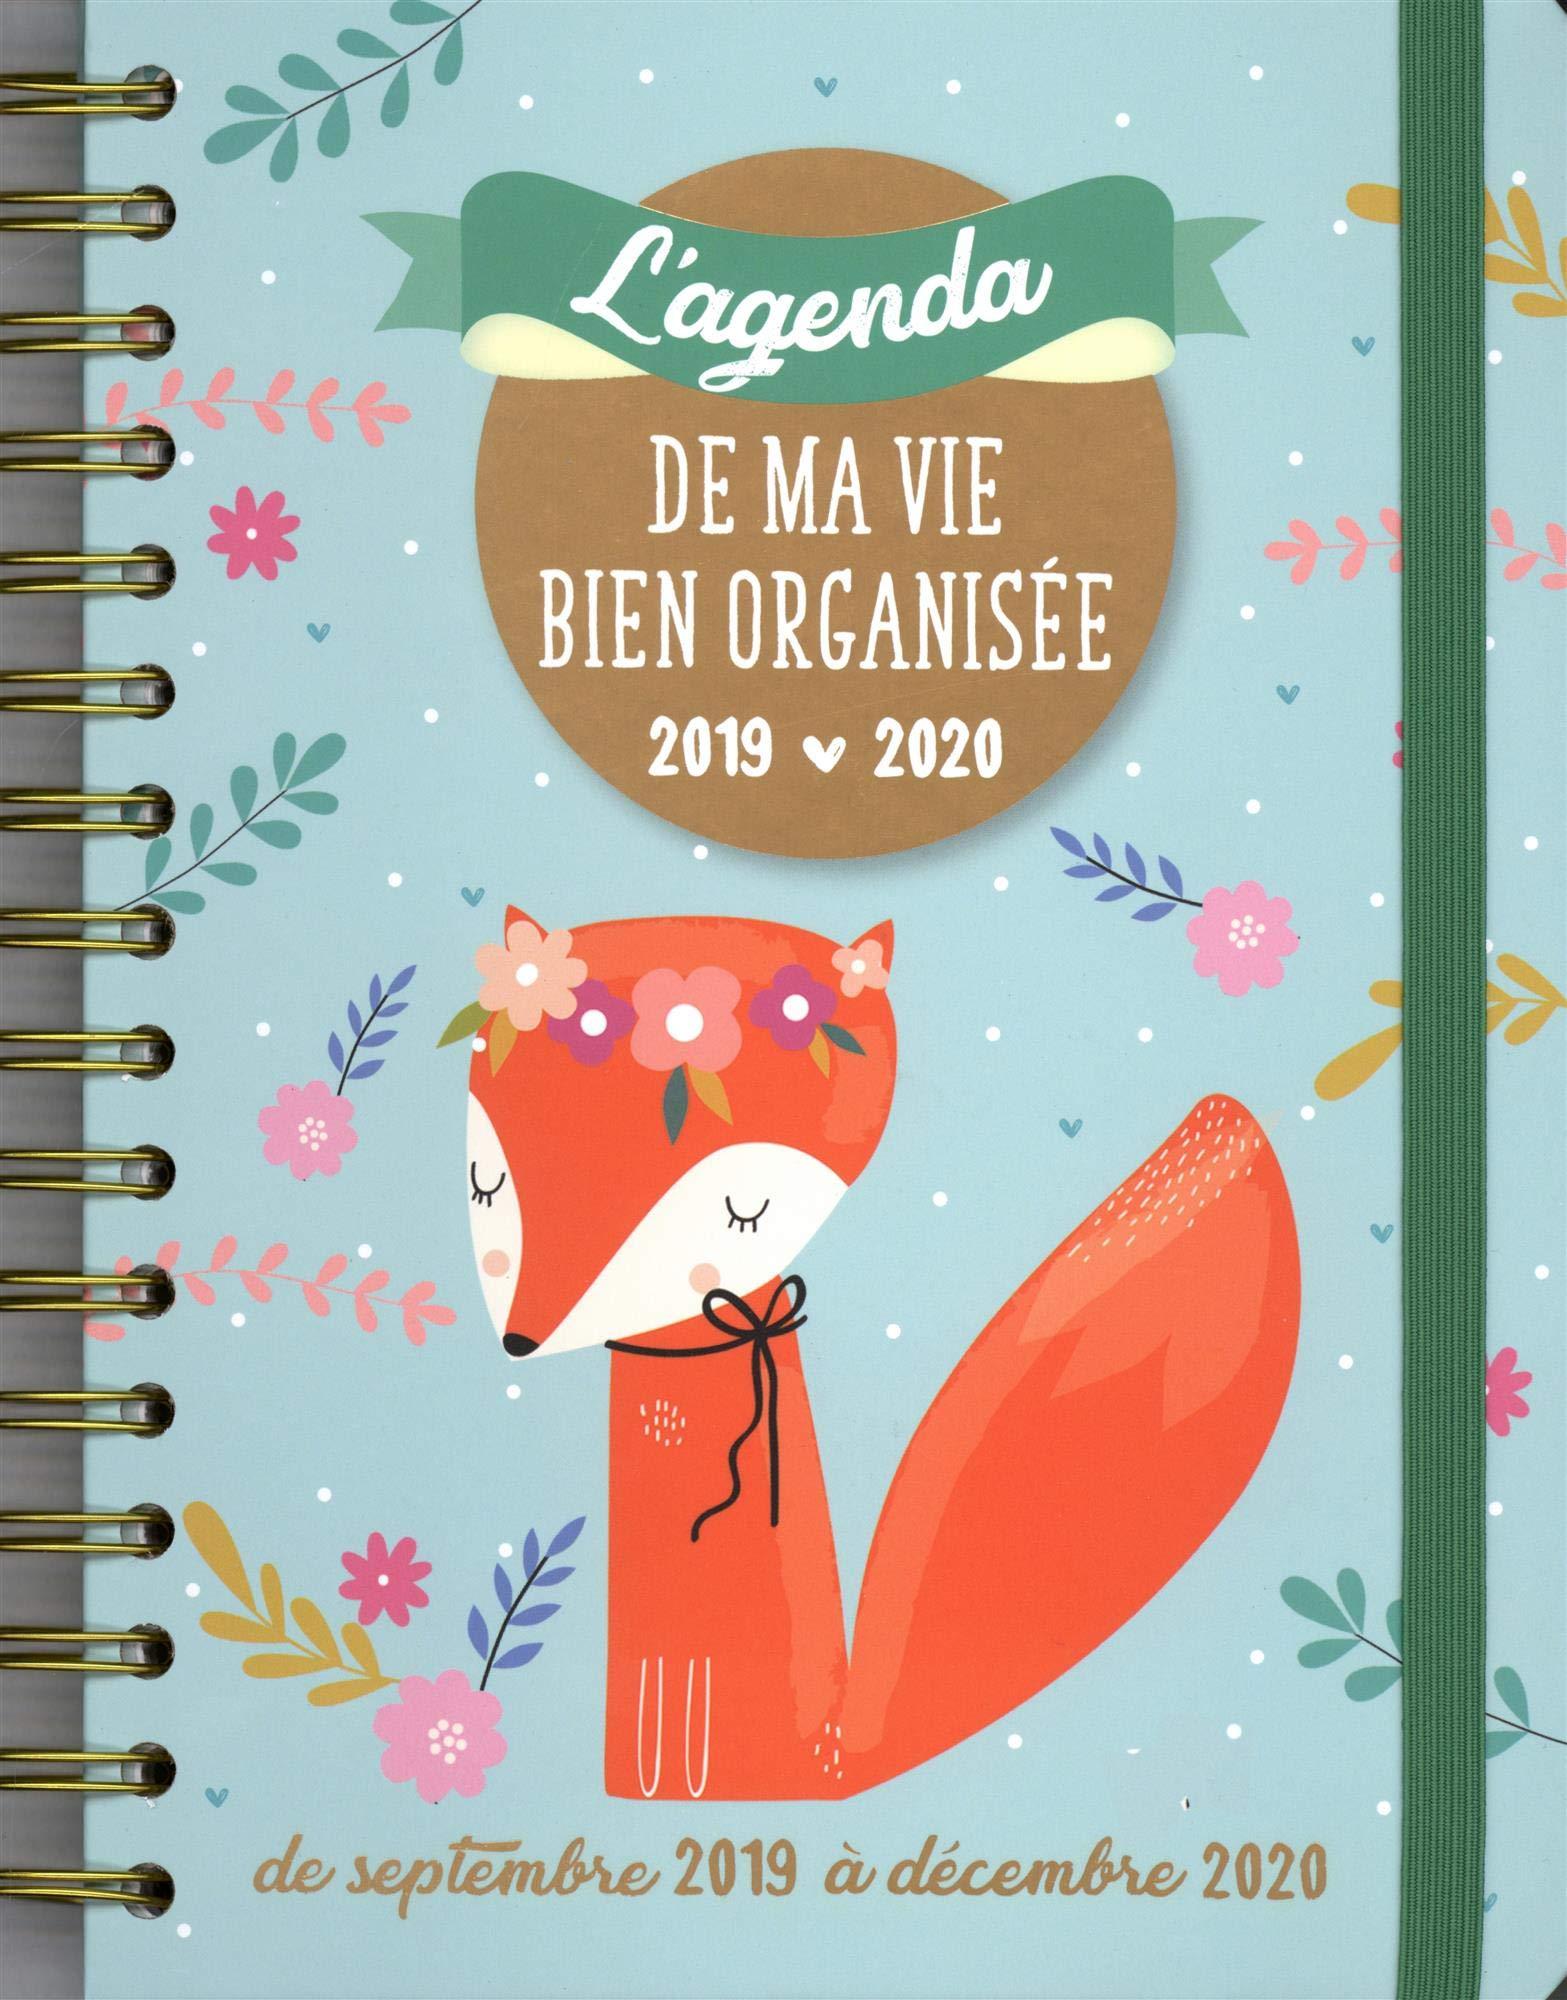 L Agenda de Ma Vie Bien Organisee 2019-2020: Amazon.es ...